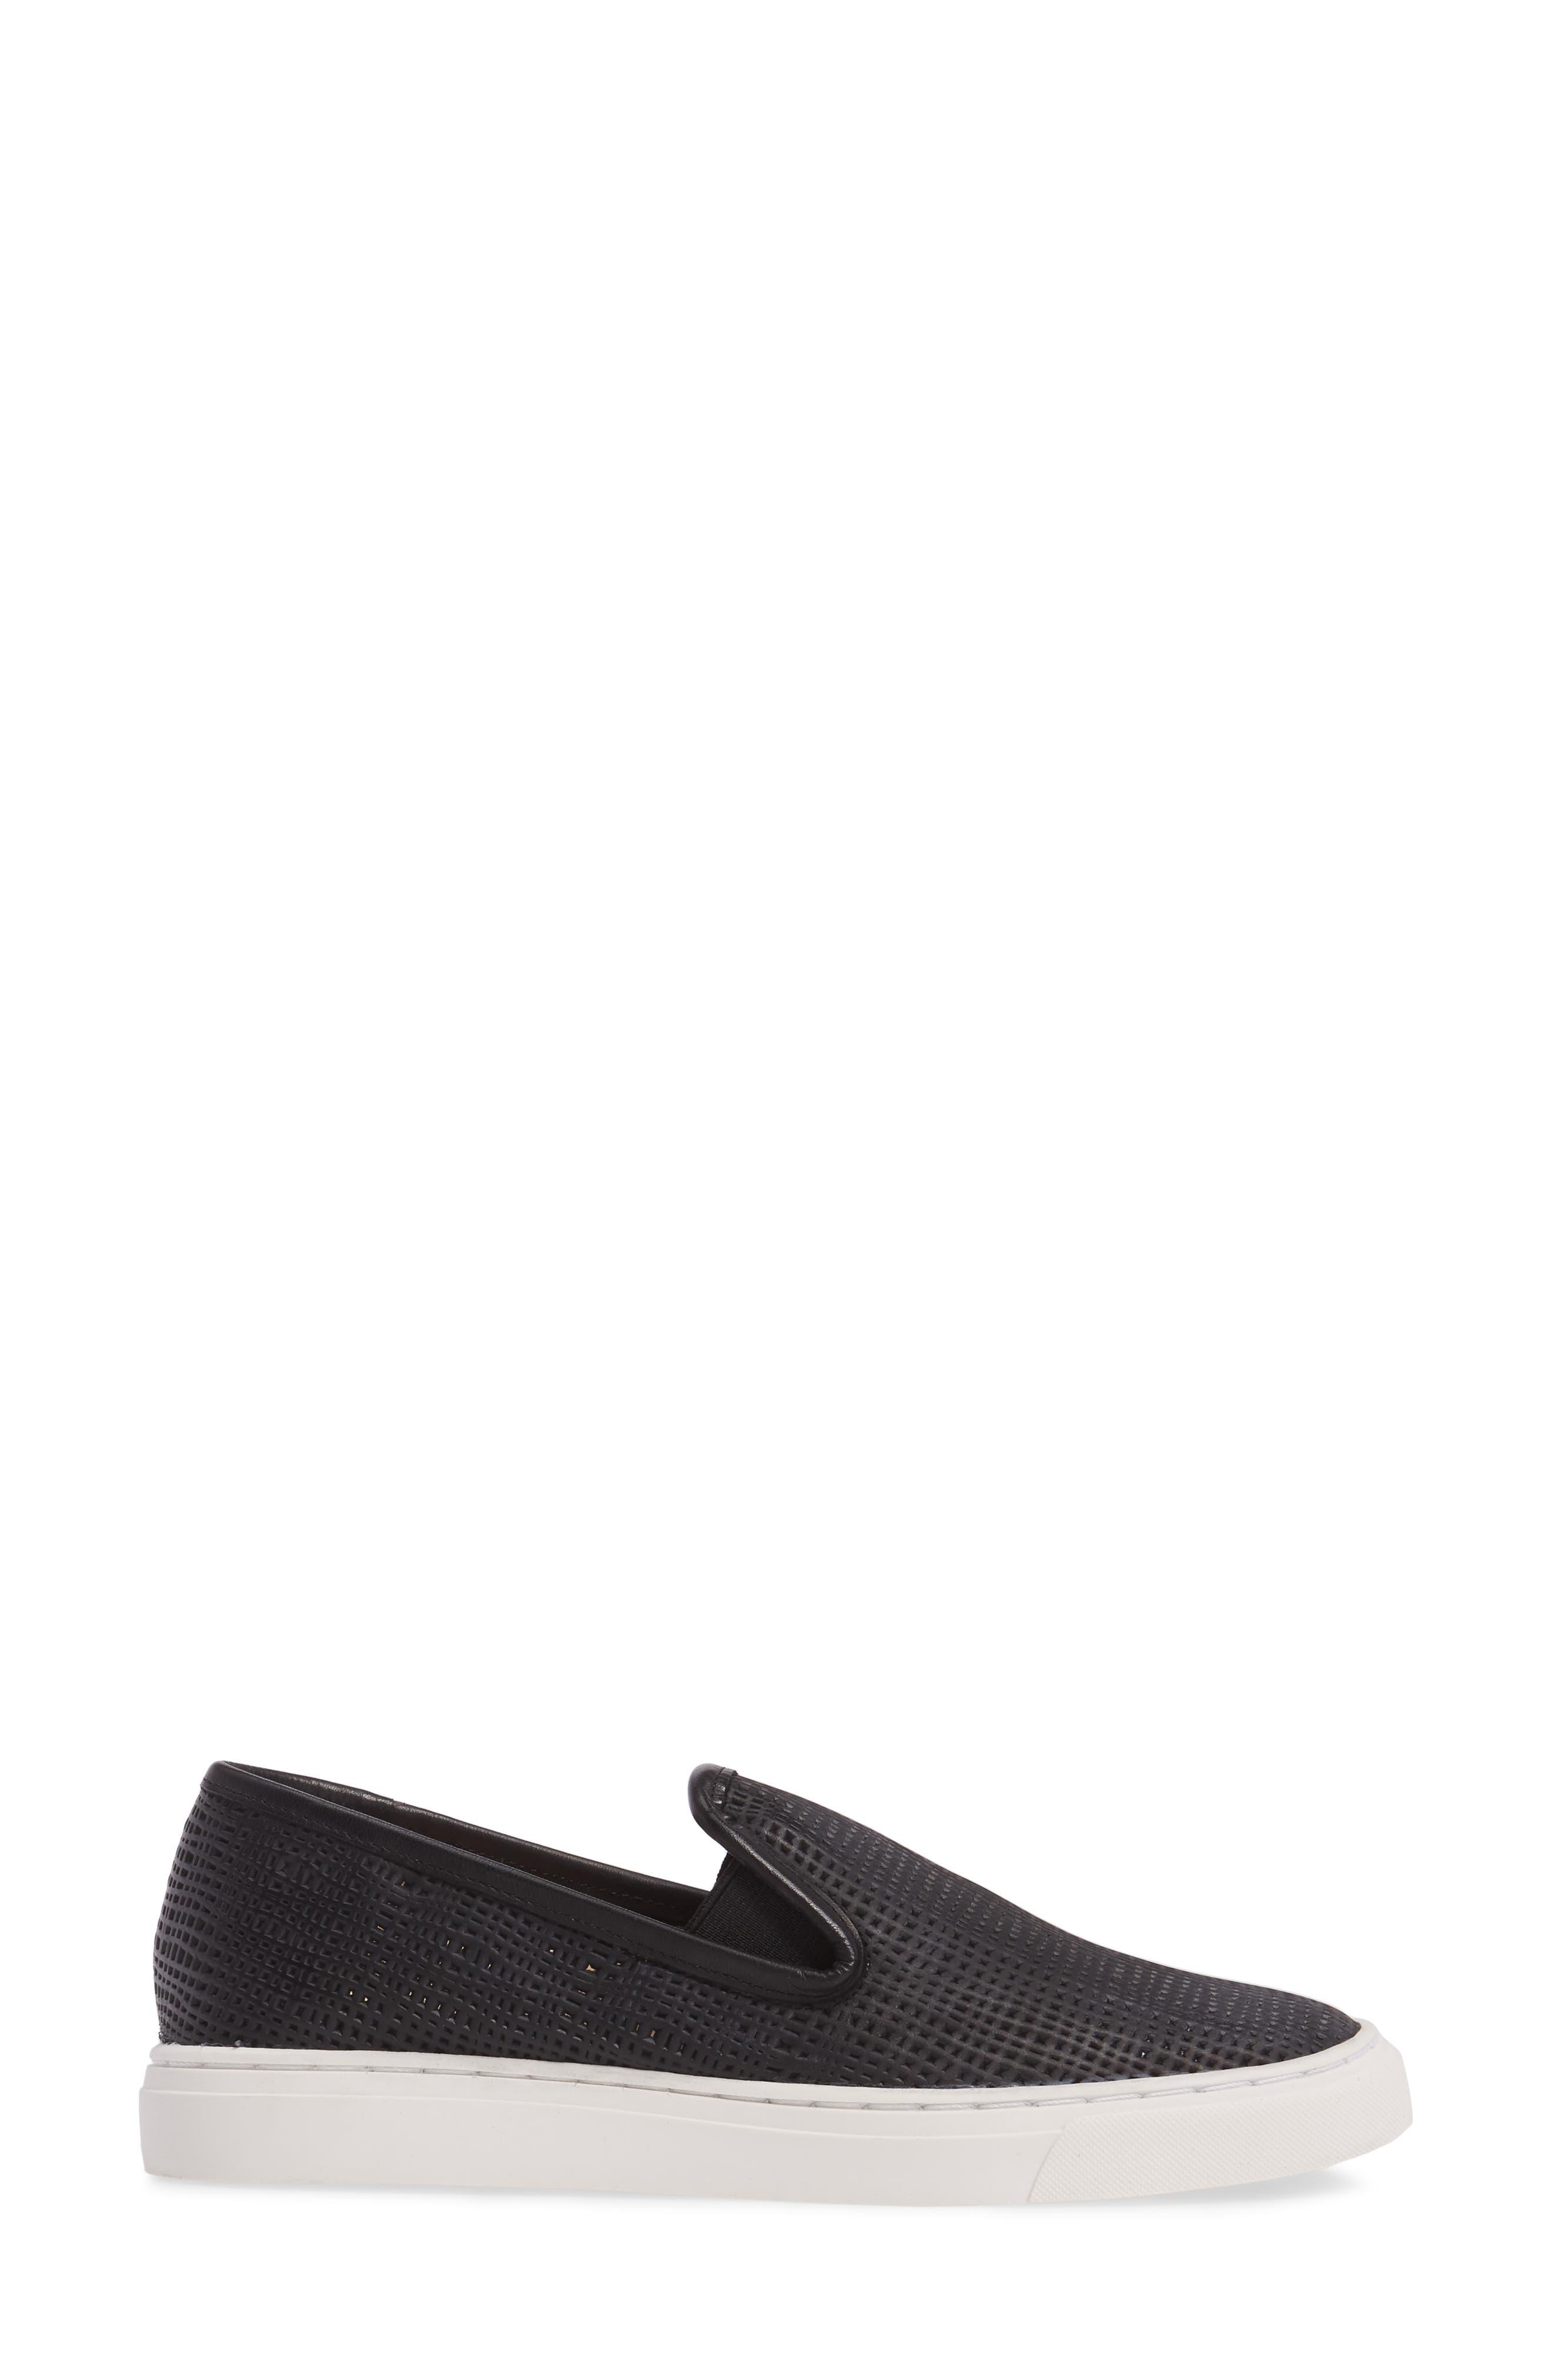 Becker Perforated Slip-On Sneaker,                             Alternate thumbnail 3, color,                             001